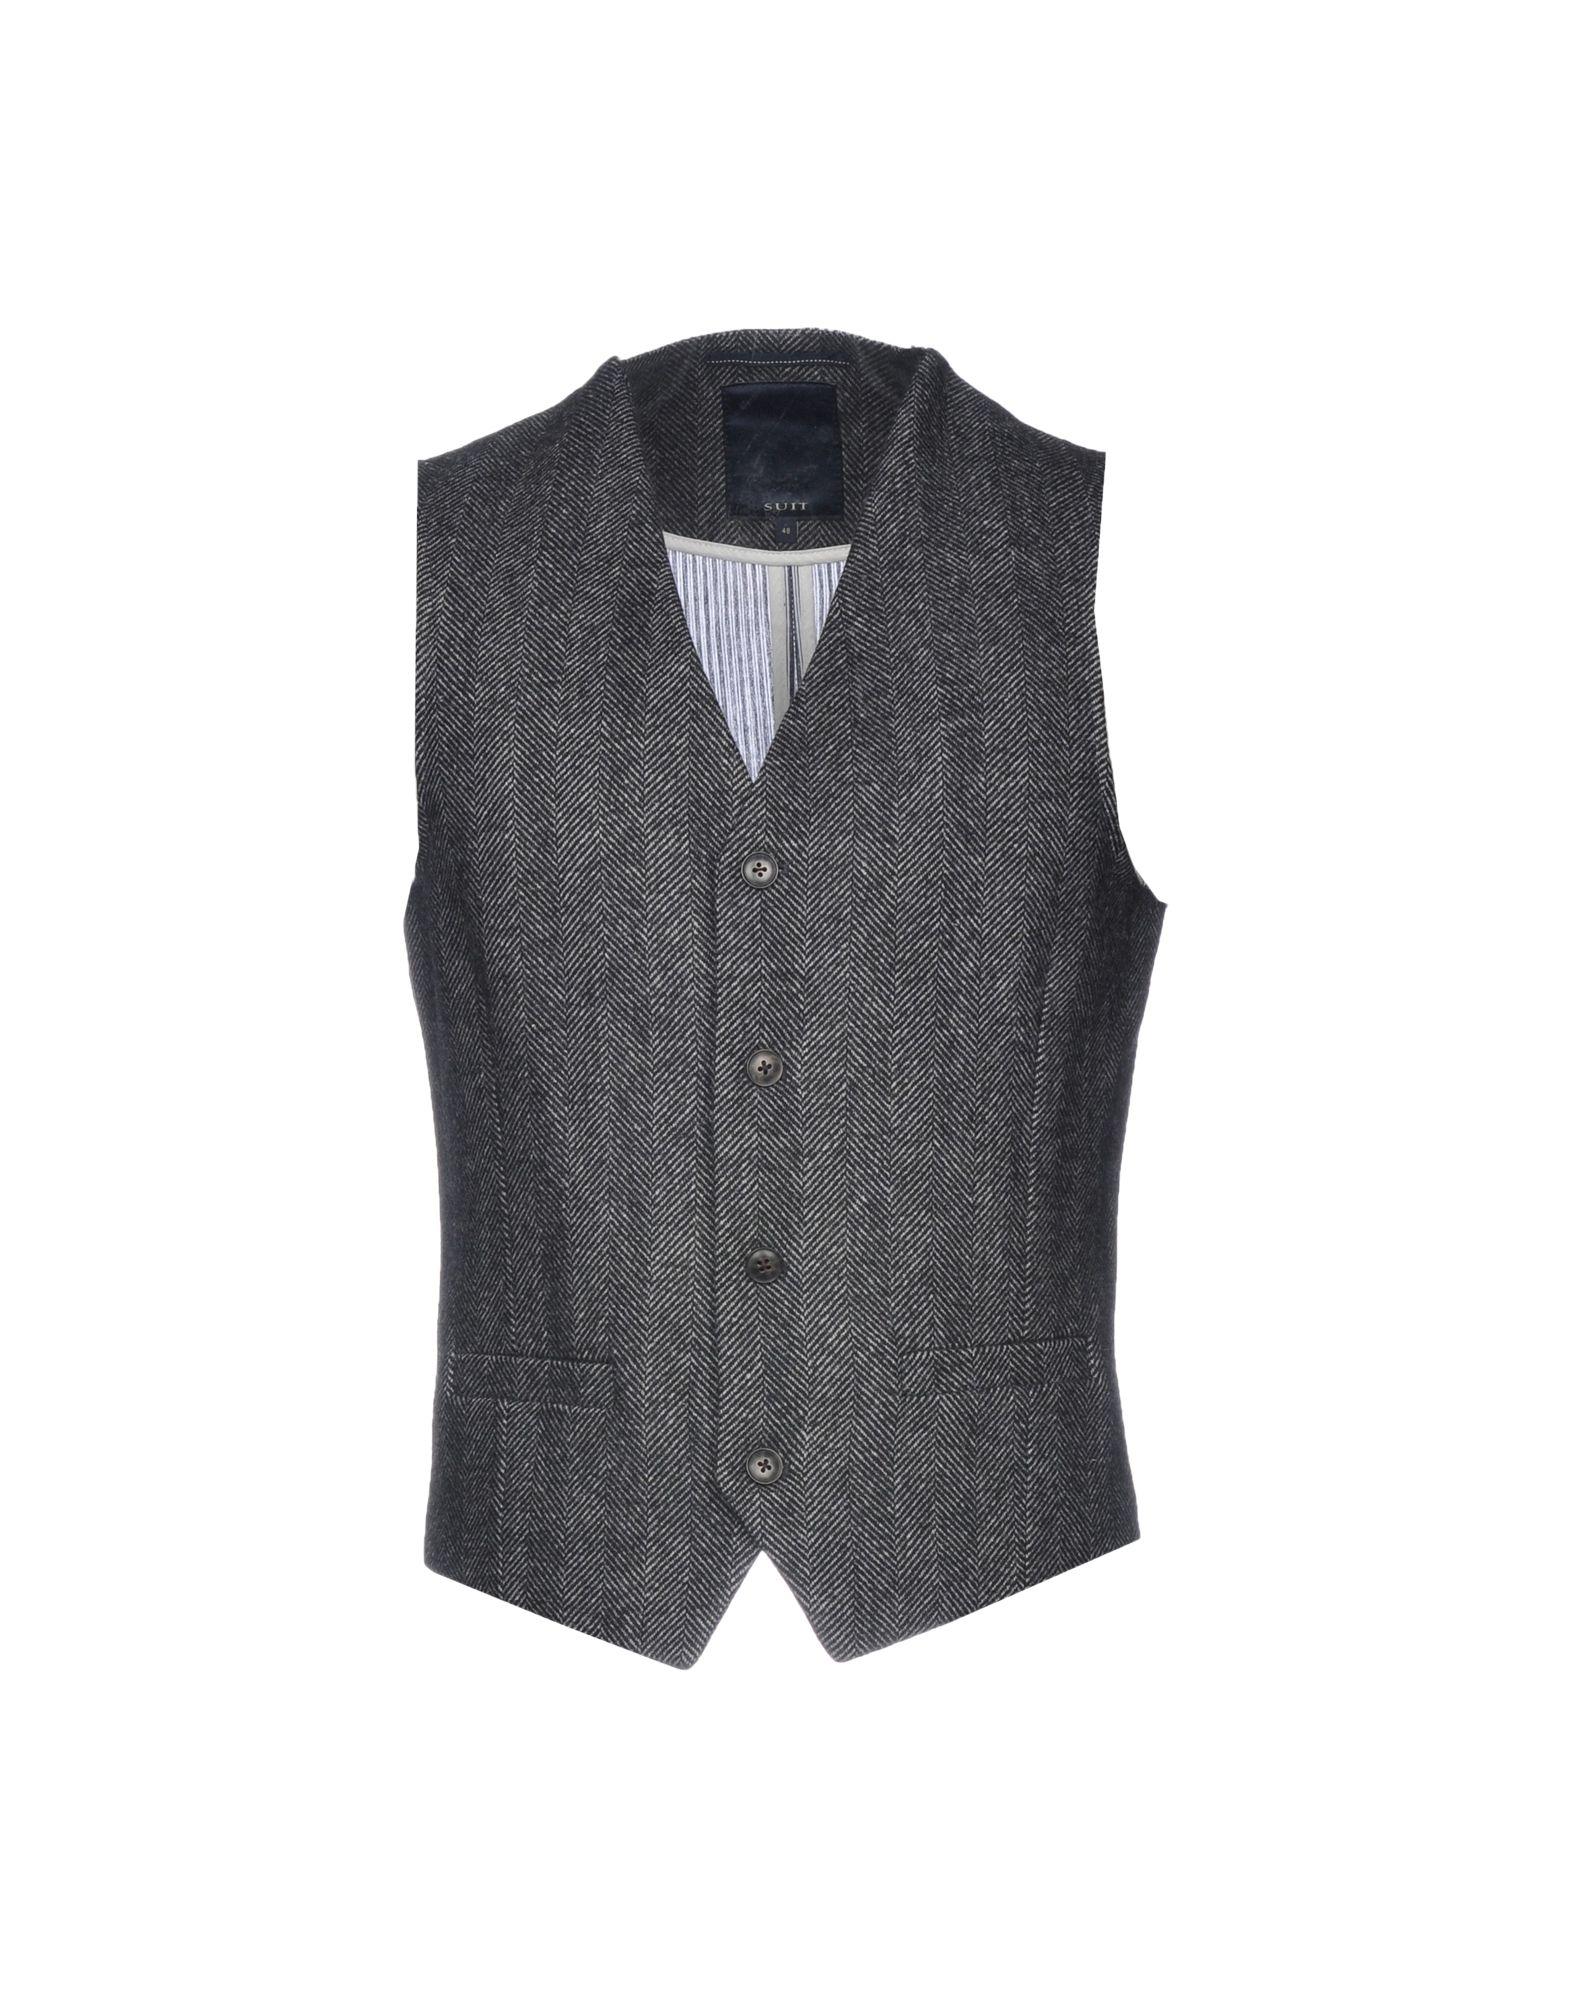 SUIT Suit Vest in Steel Grey